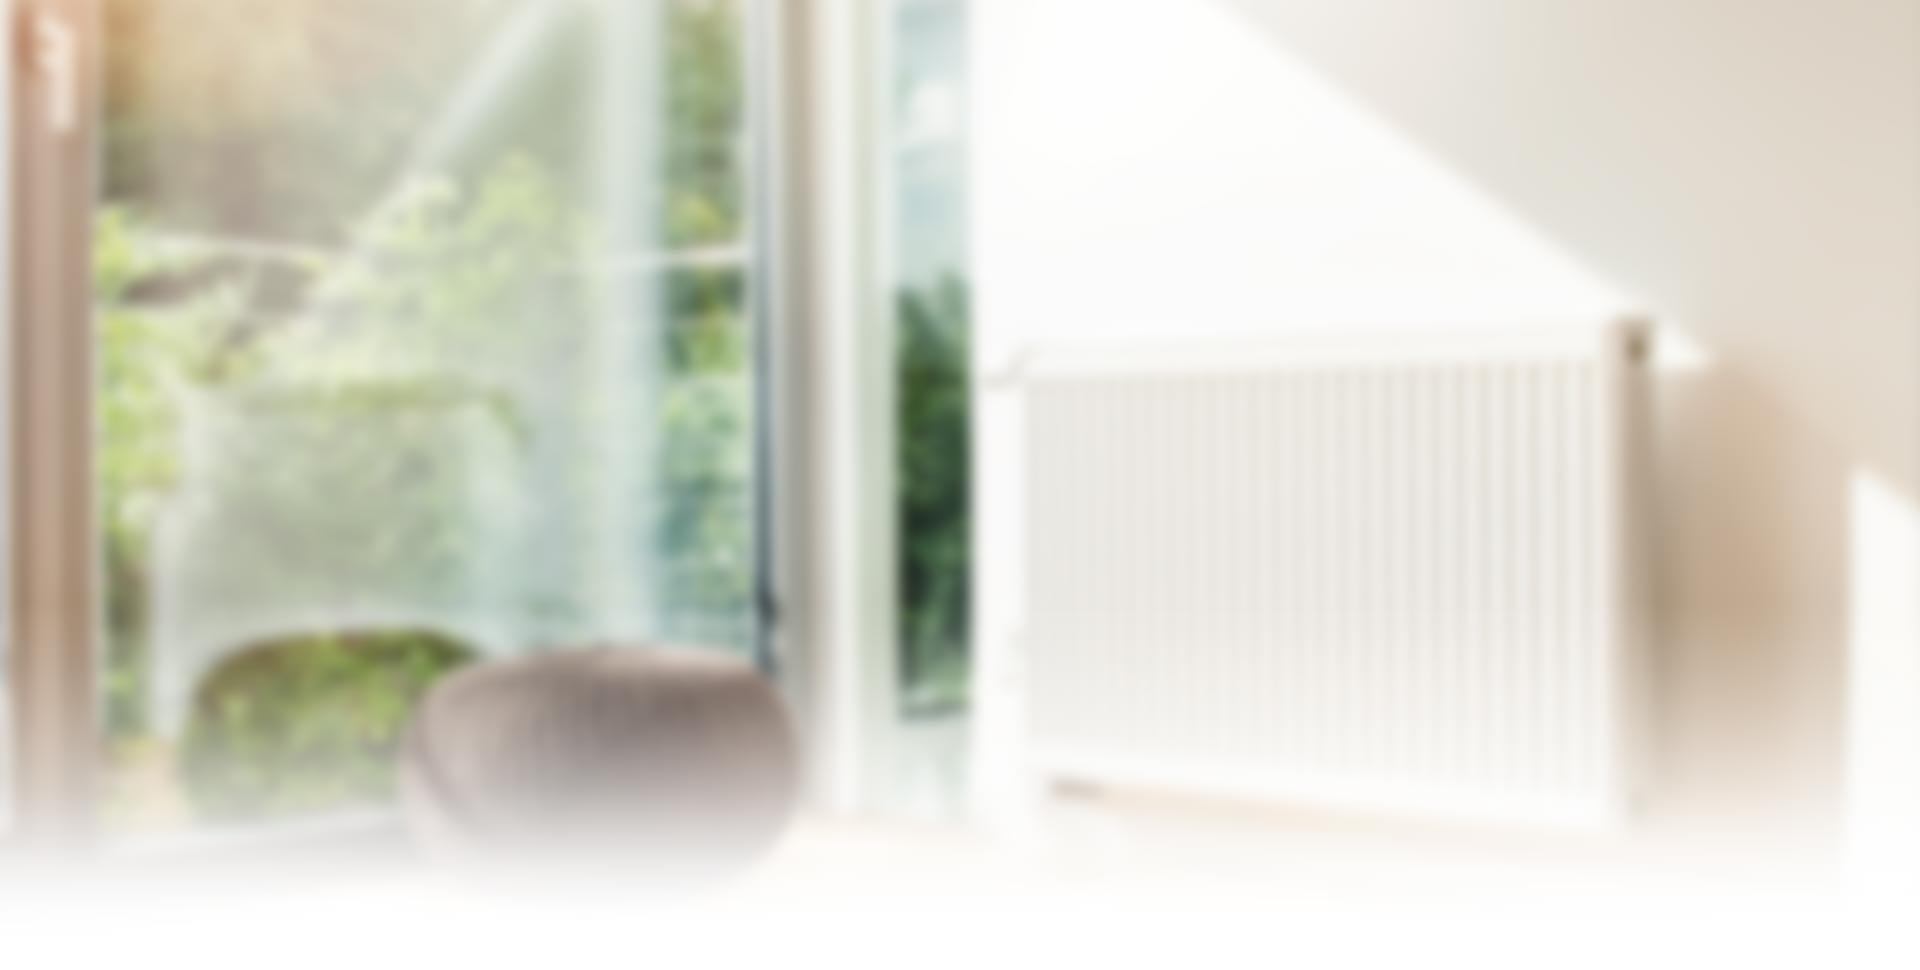 klima. Black Bedroom Furniture Sets. Home Design Ideas